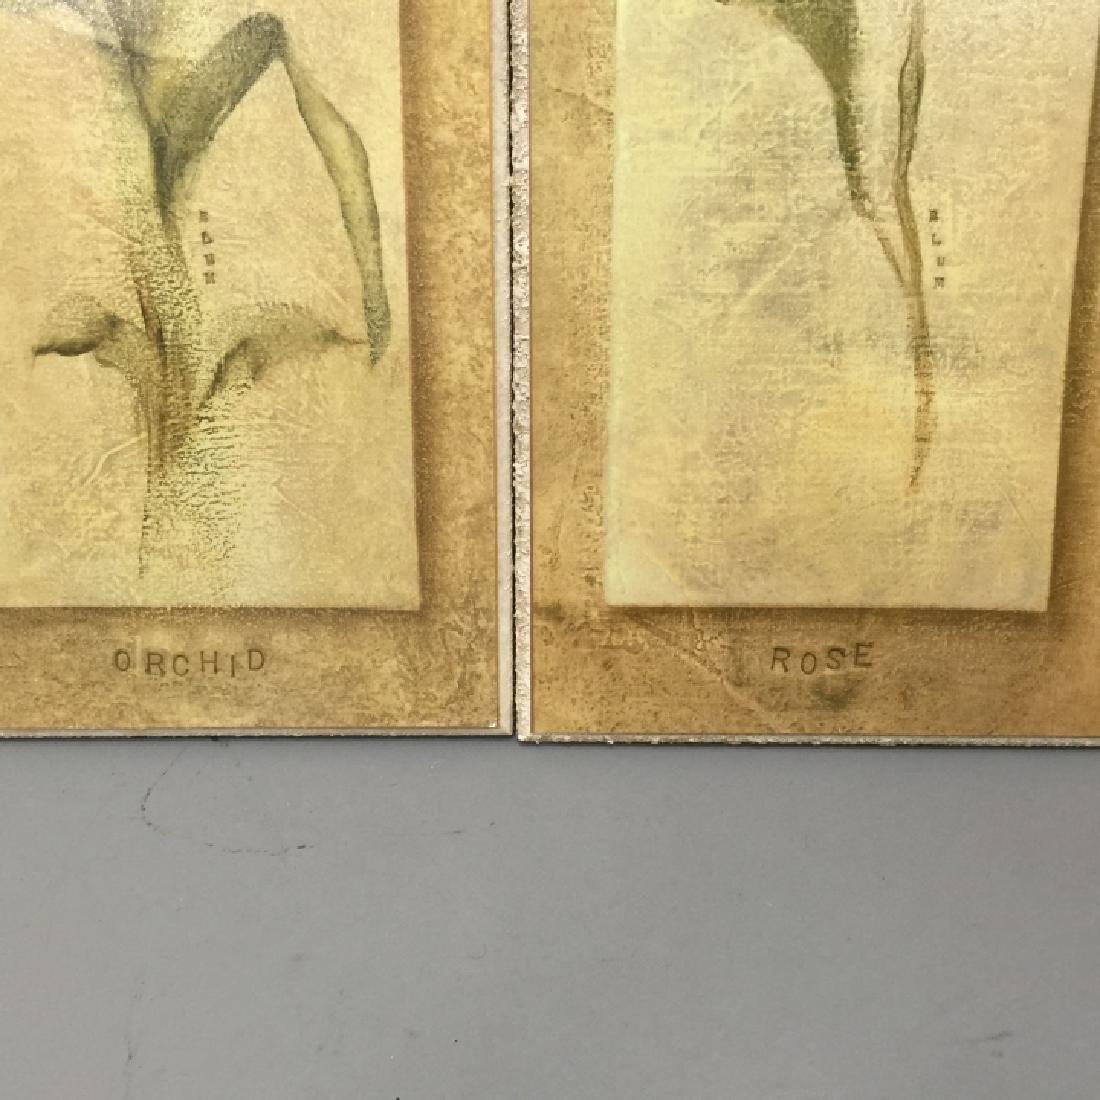 4 Decorative Art Botanical Painted Pieces - 3